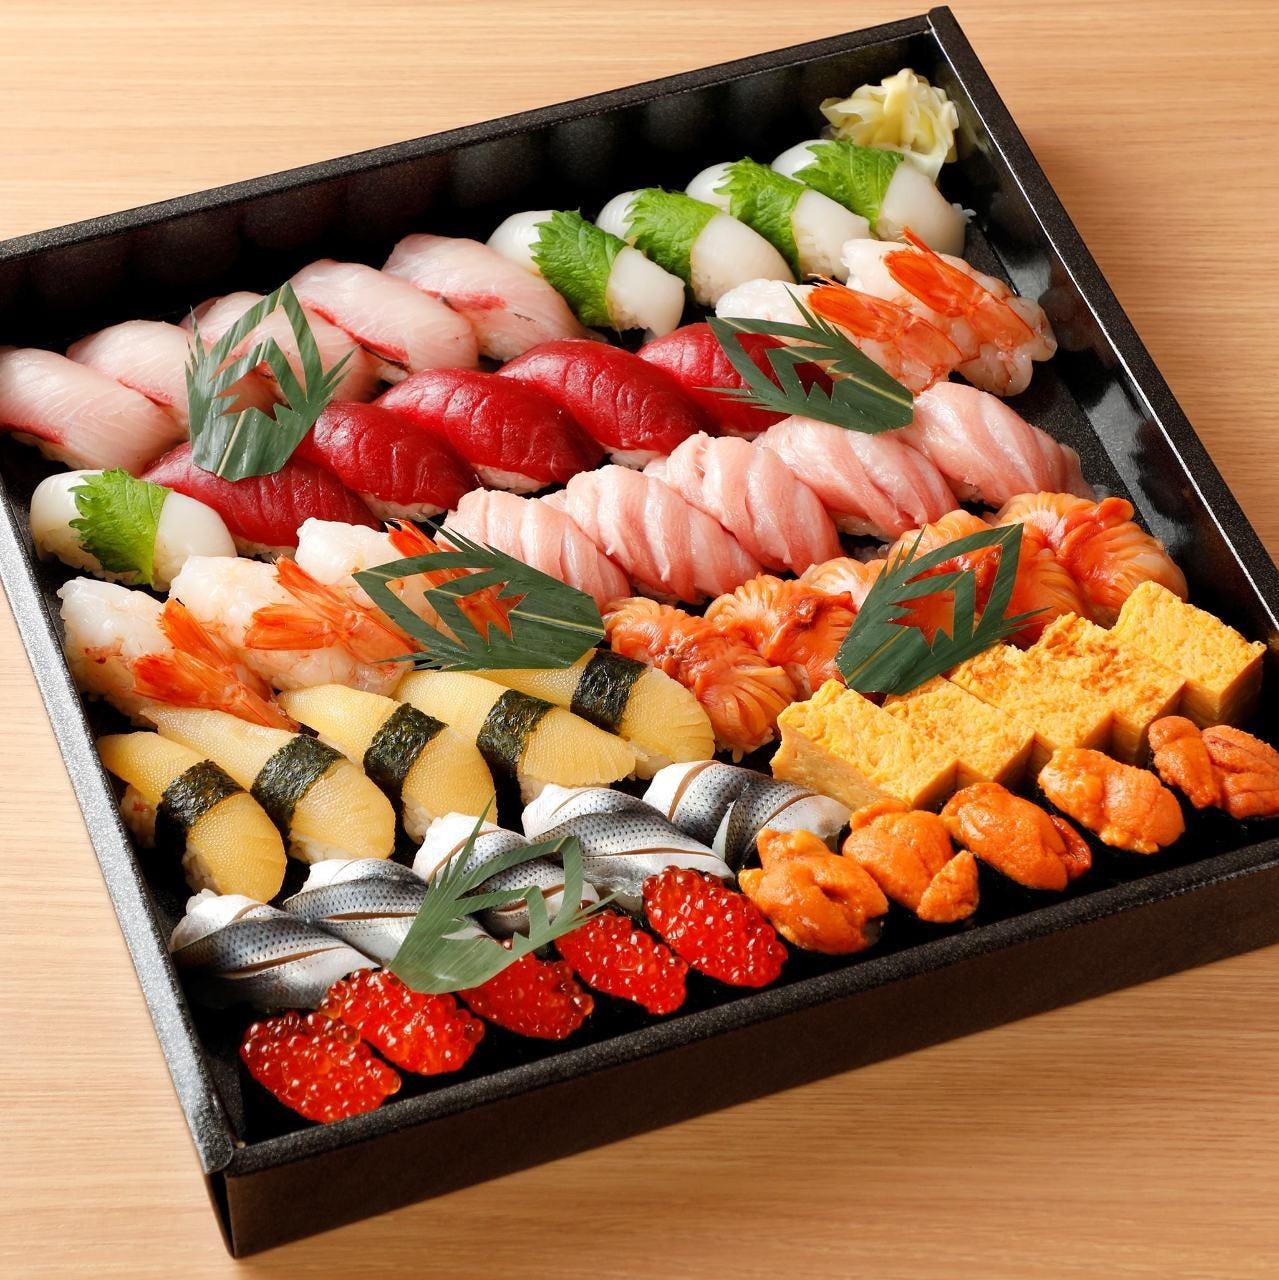 奴寿司のお持ち帰り寿司 家庭で職人がにぎる美味しいお寿司